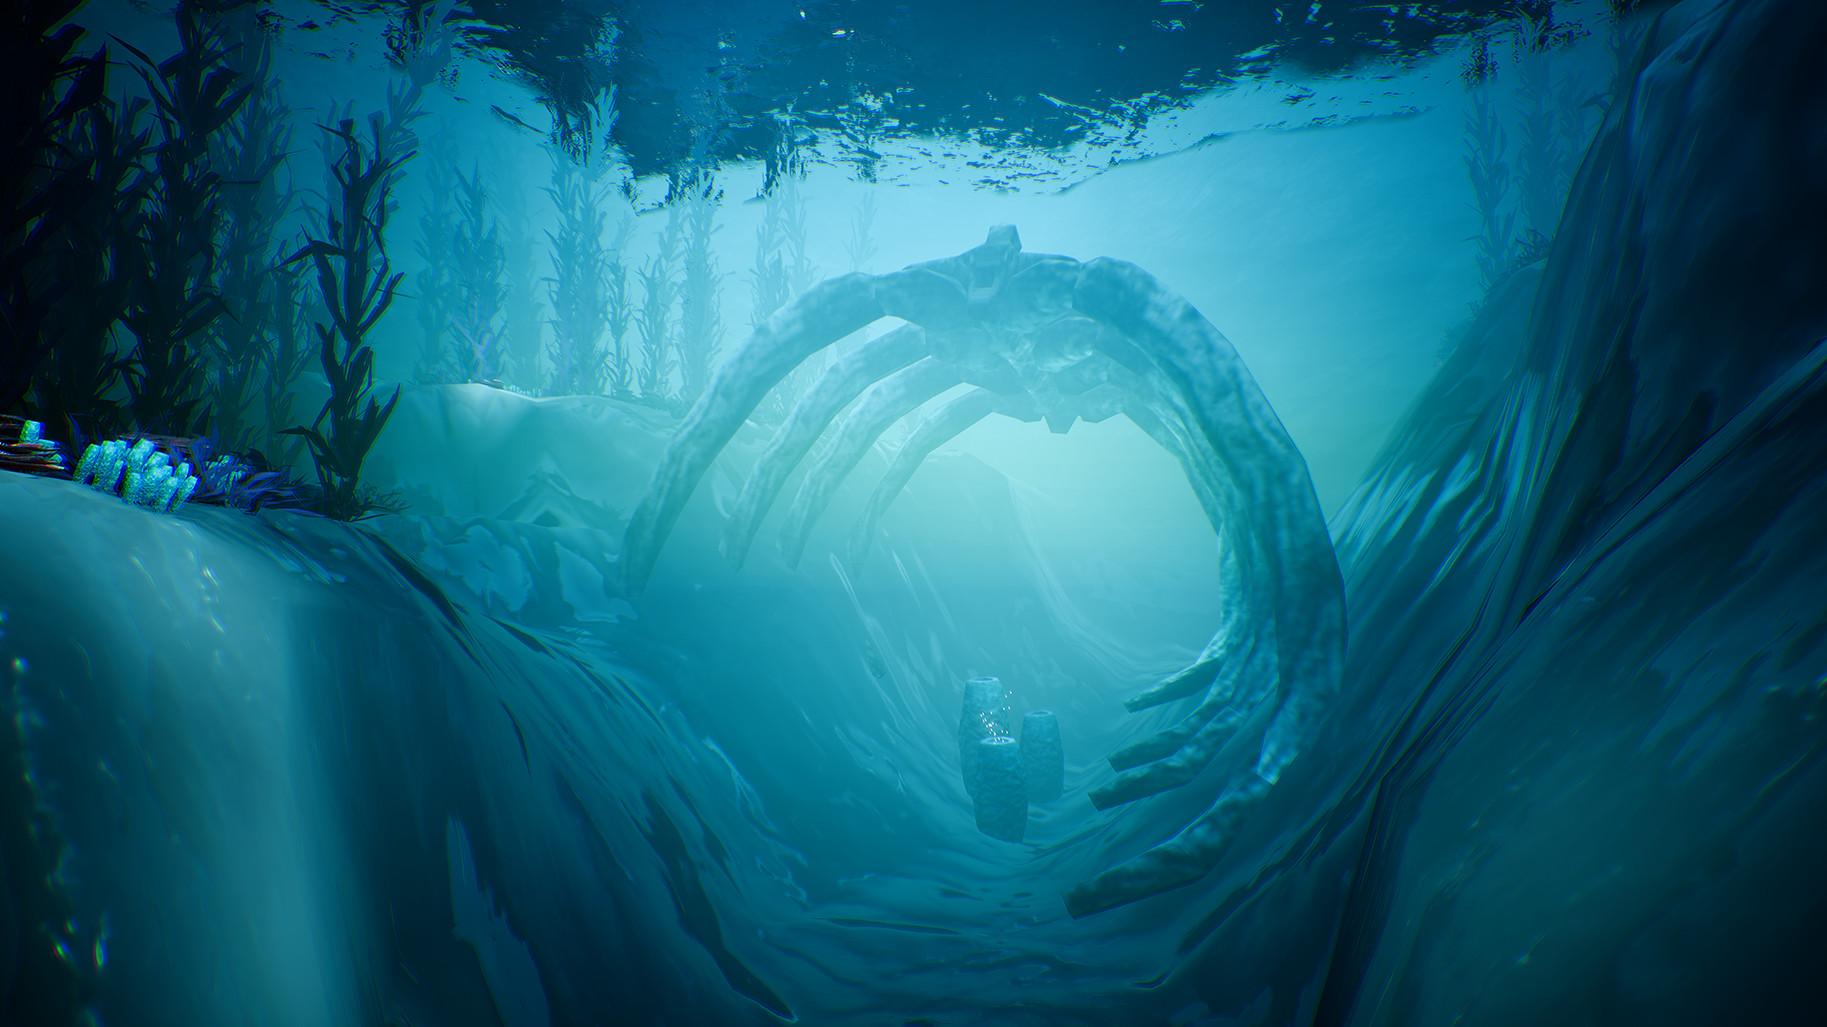 海底星球图片